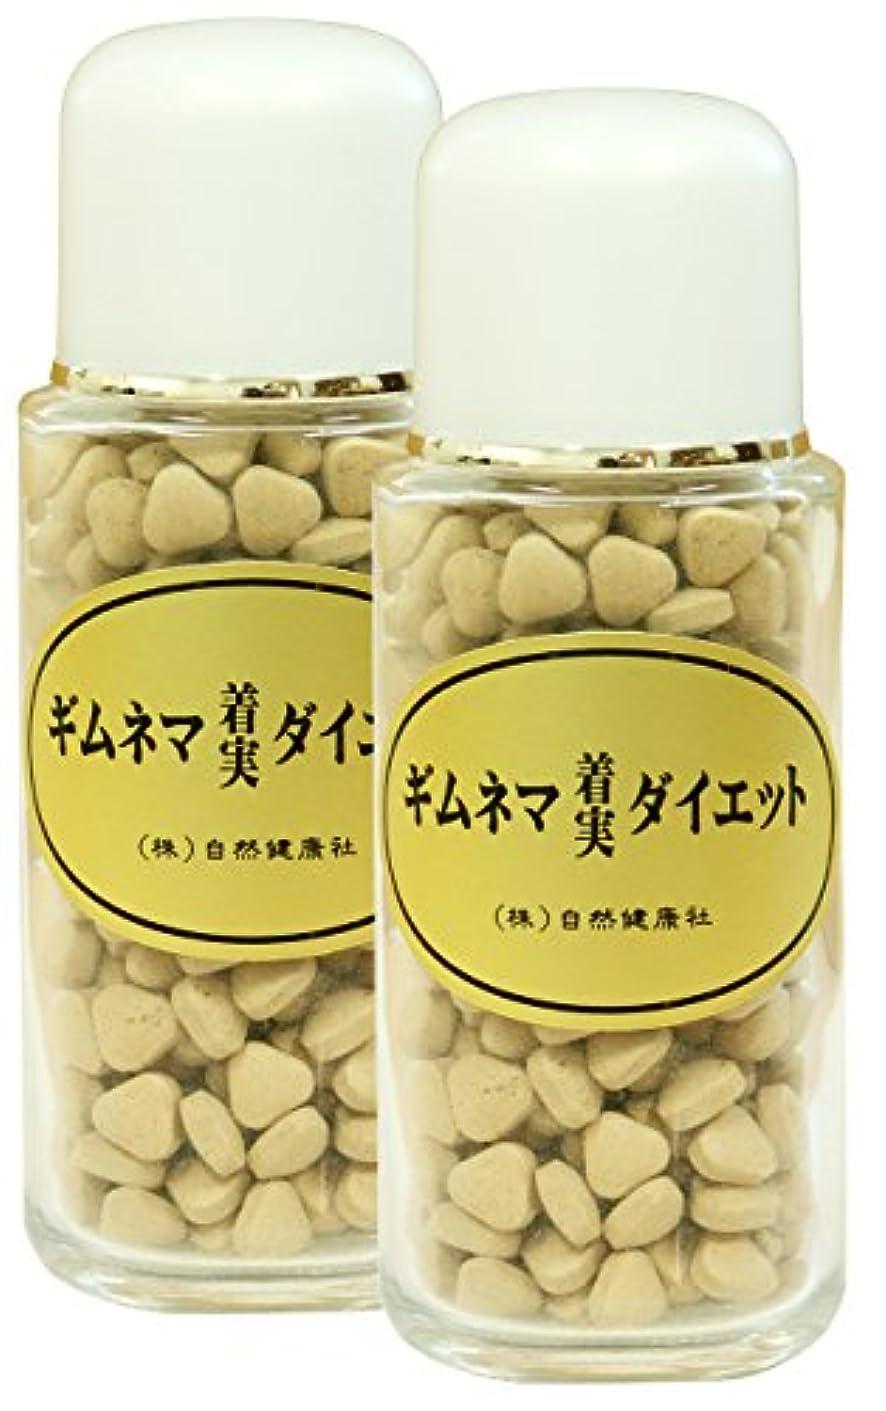 インサートランダムナイロン自然健康社 ギムネマダイエット 80g(320粒)×2個 ビン入り